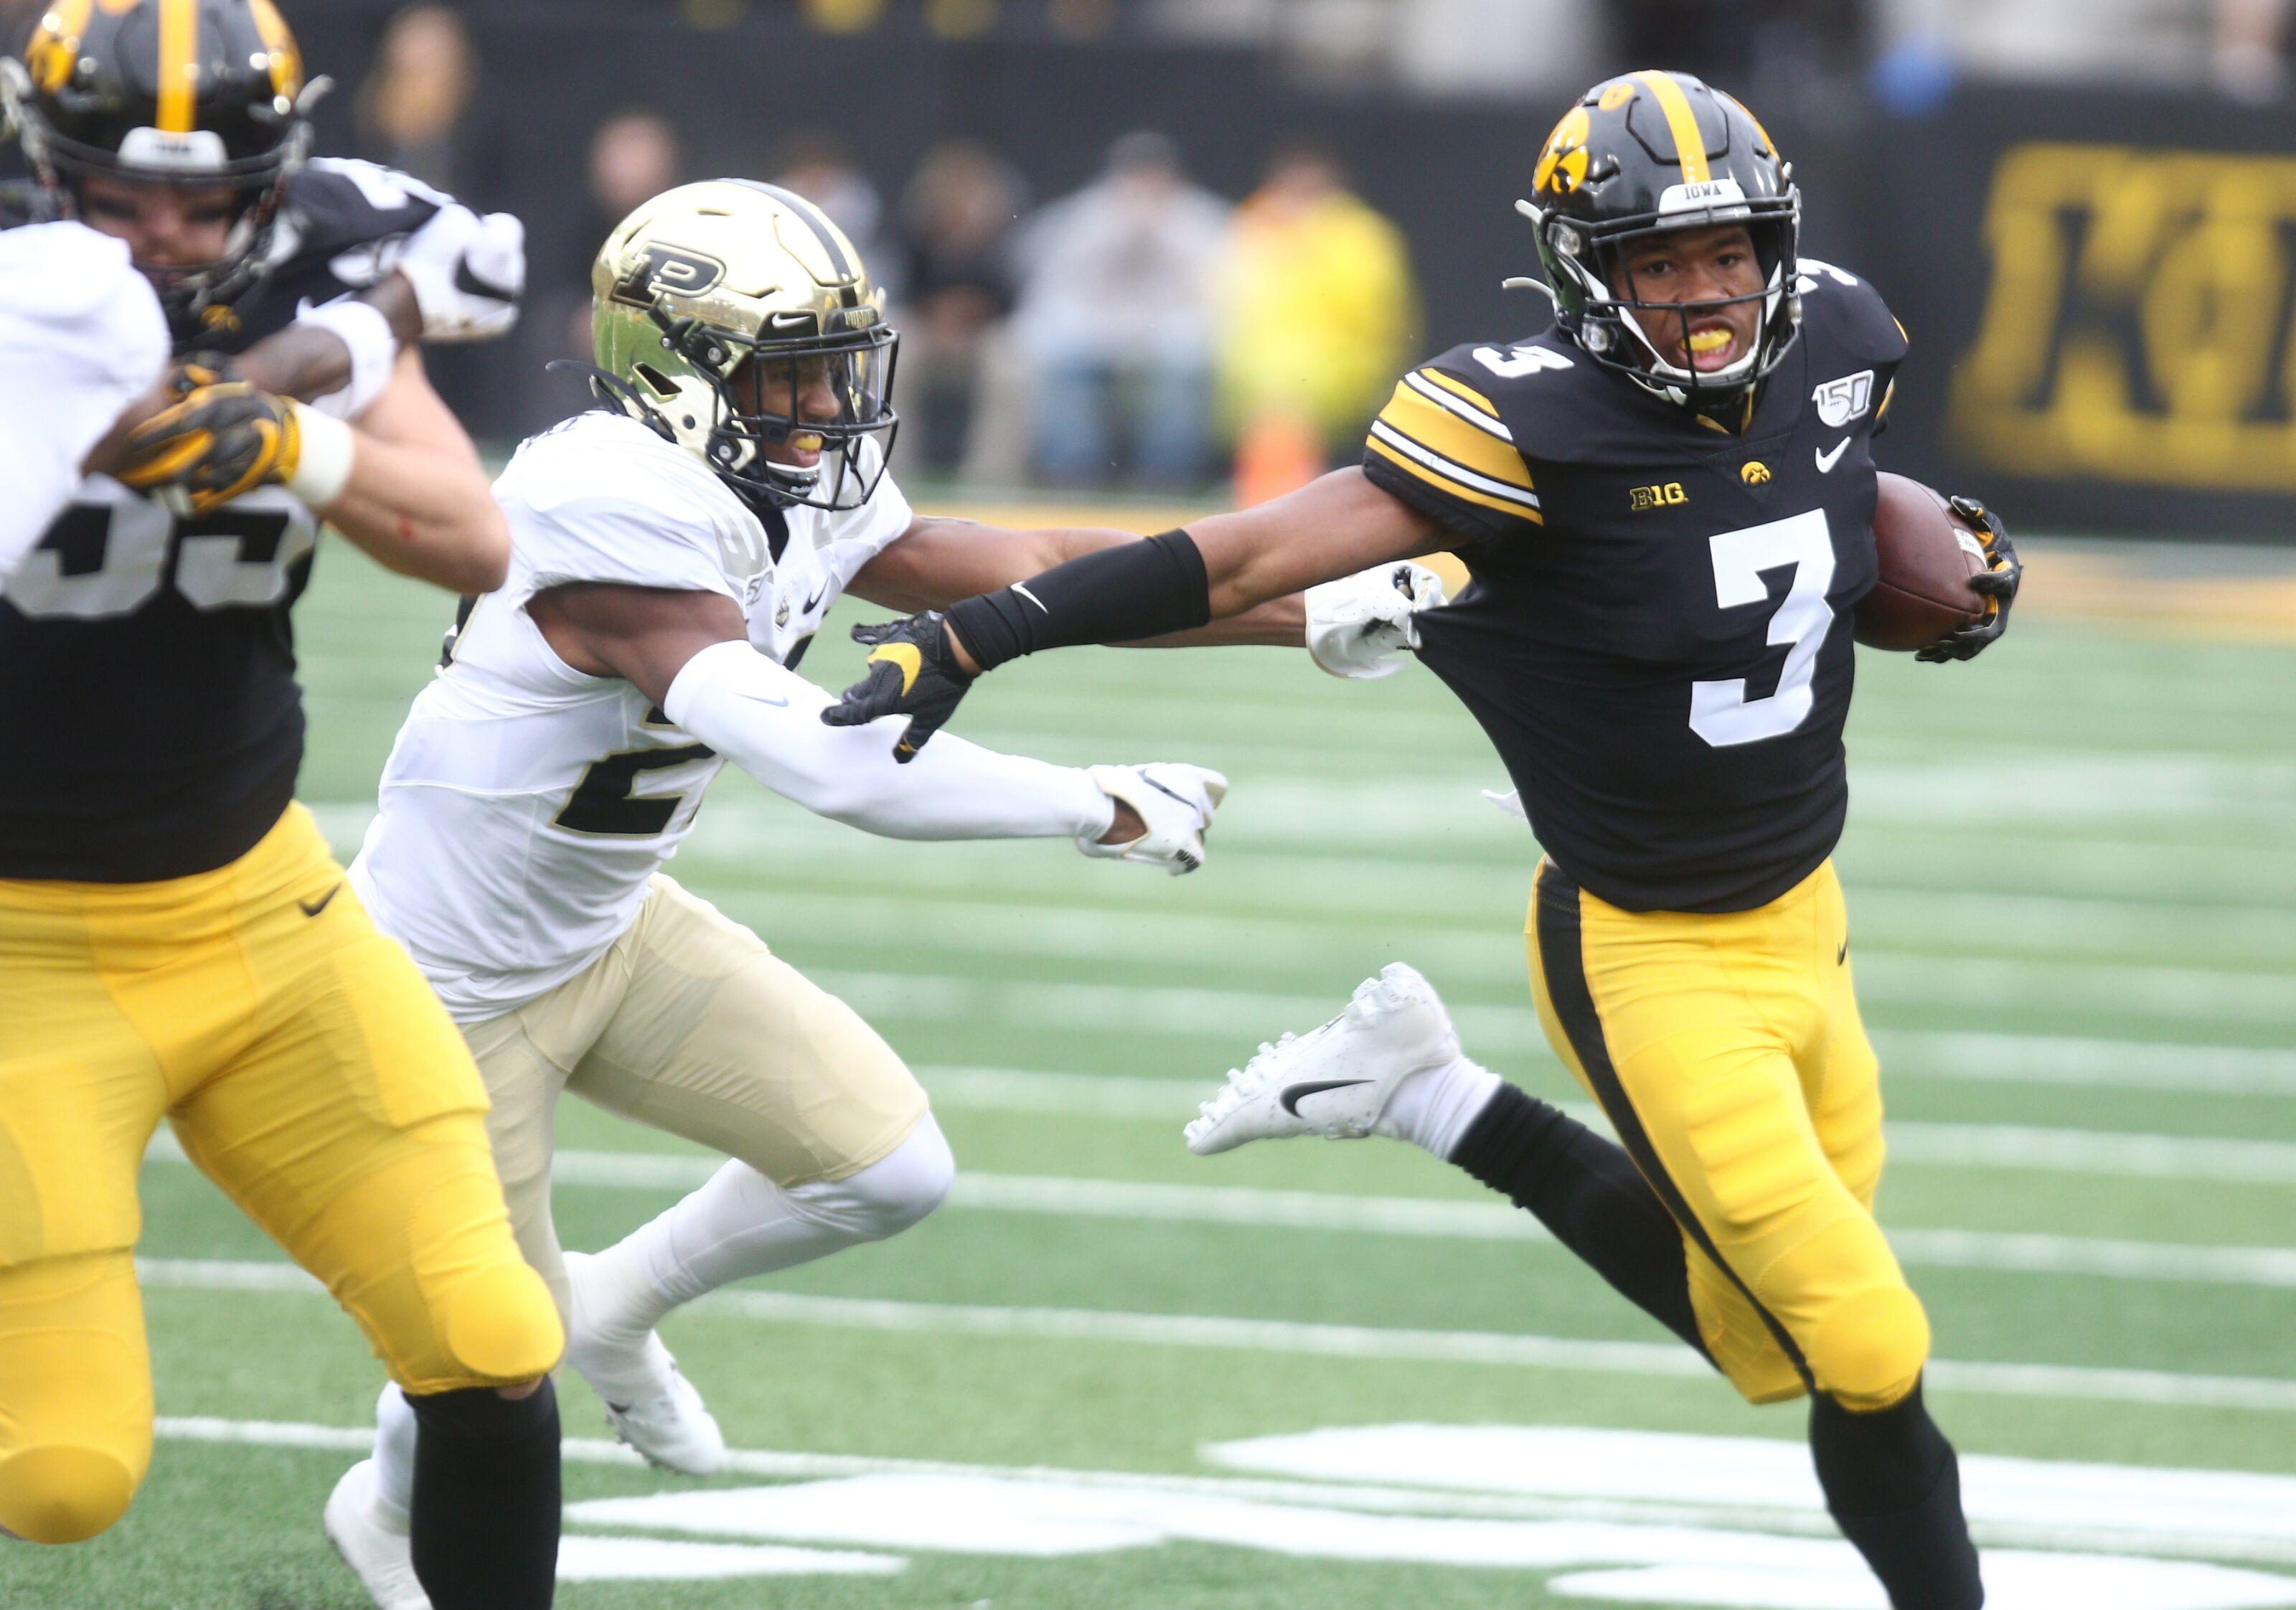 Iowa Football: 3 takeaways from slim win against Purdue in Week 8